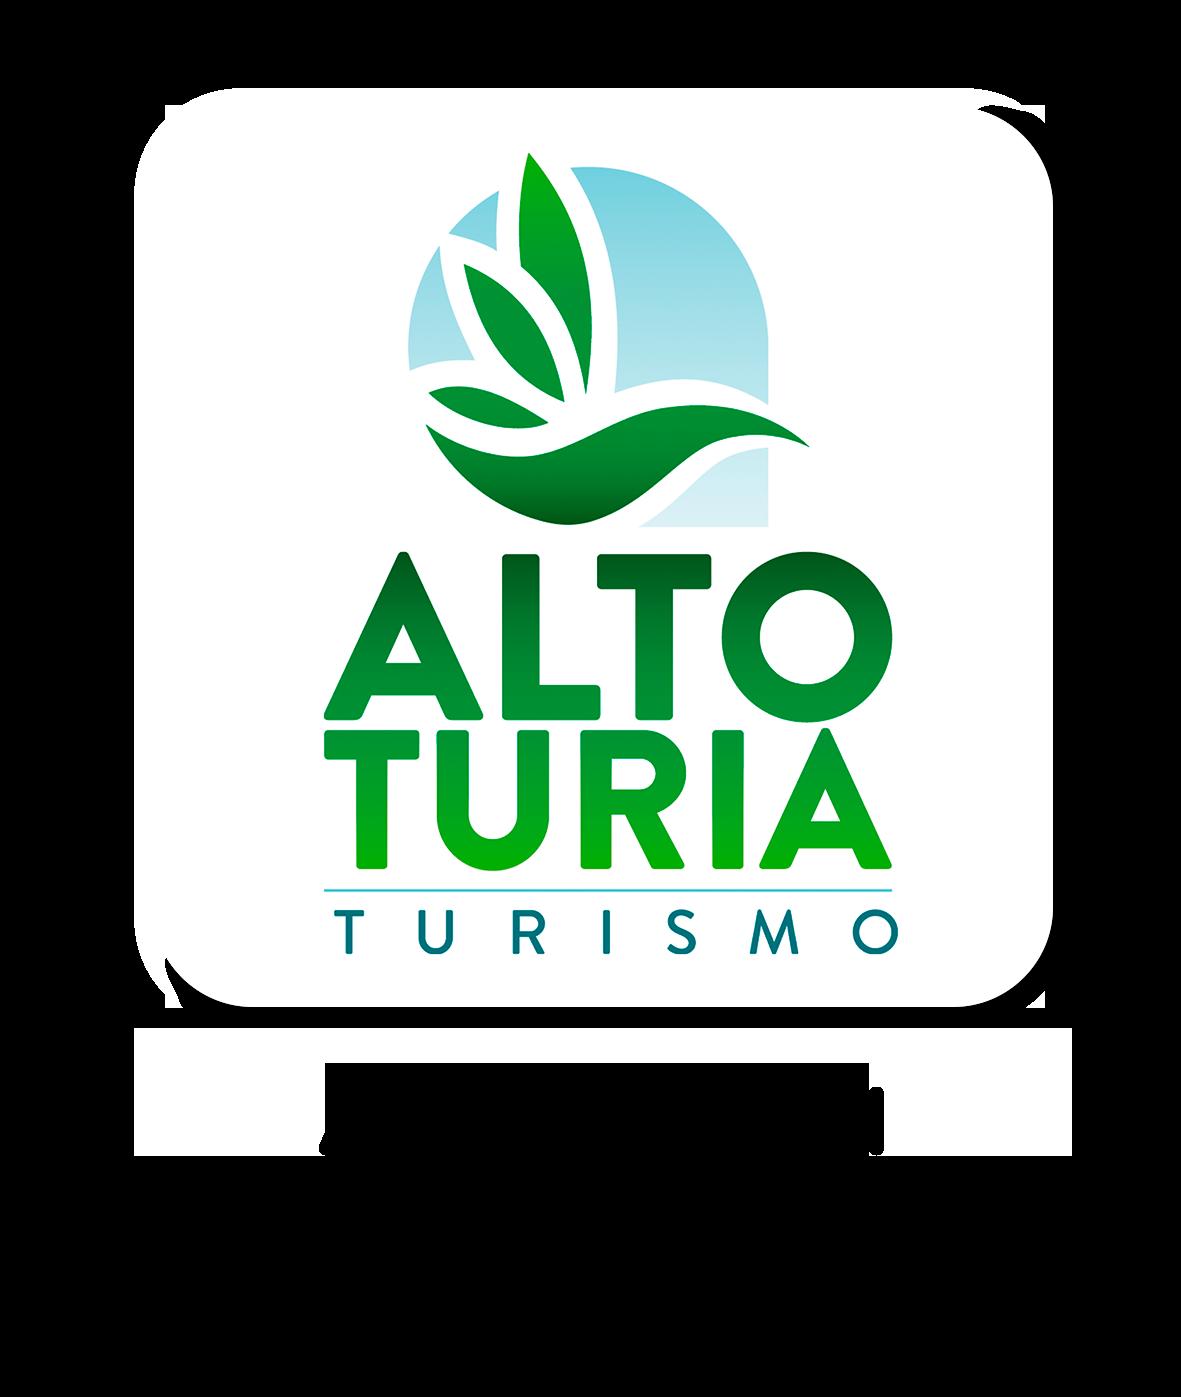 Alto-Turia-turismo